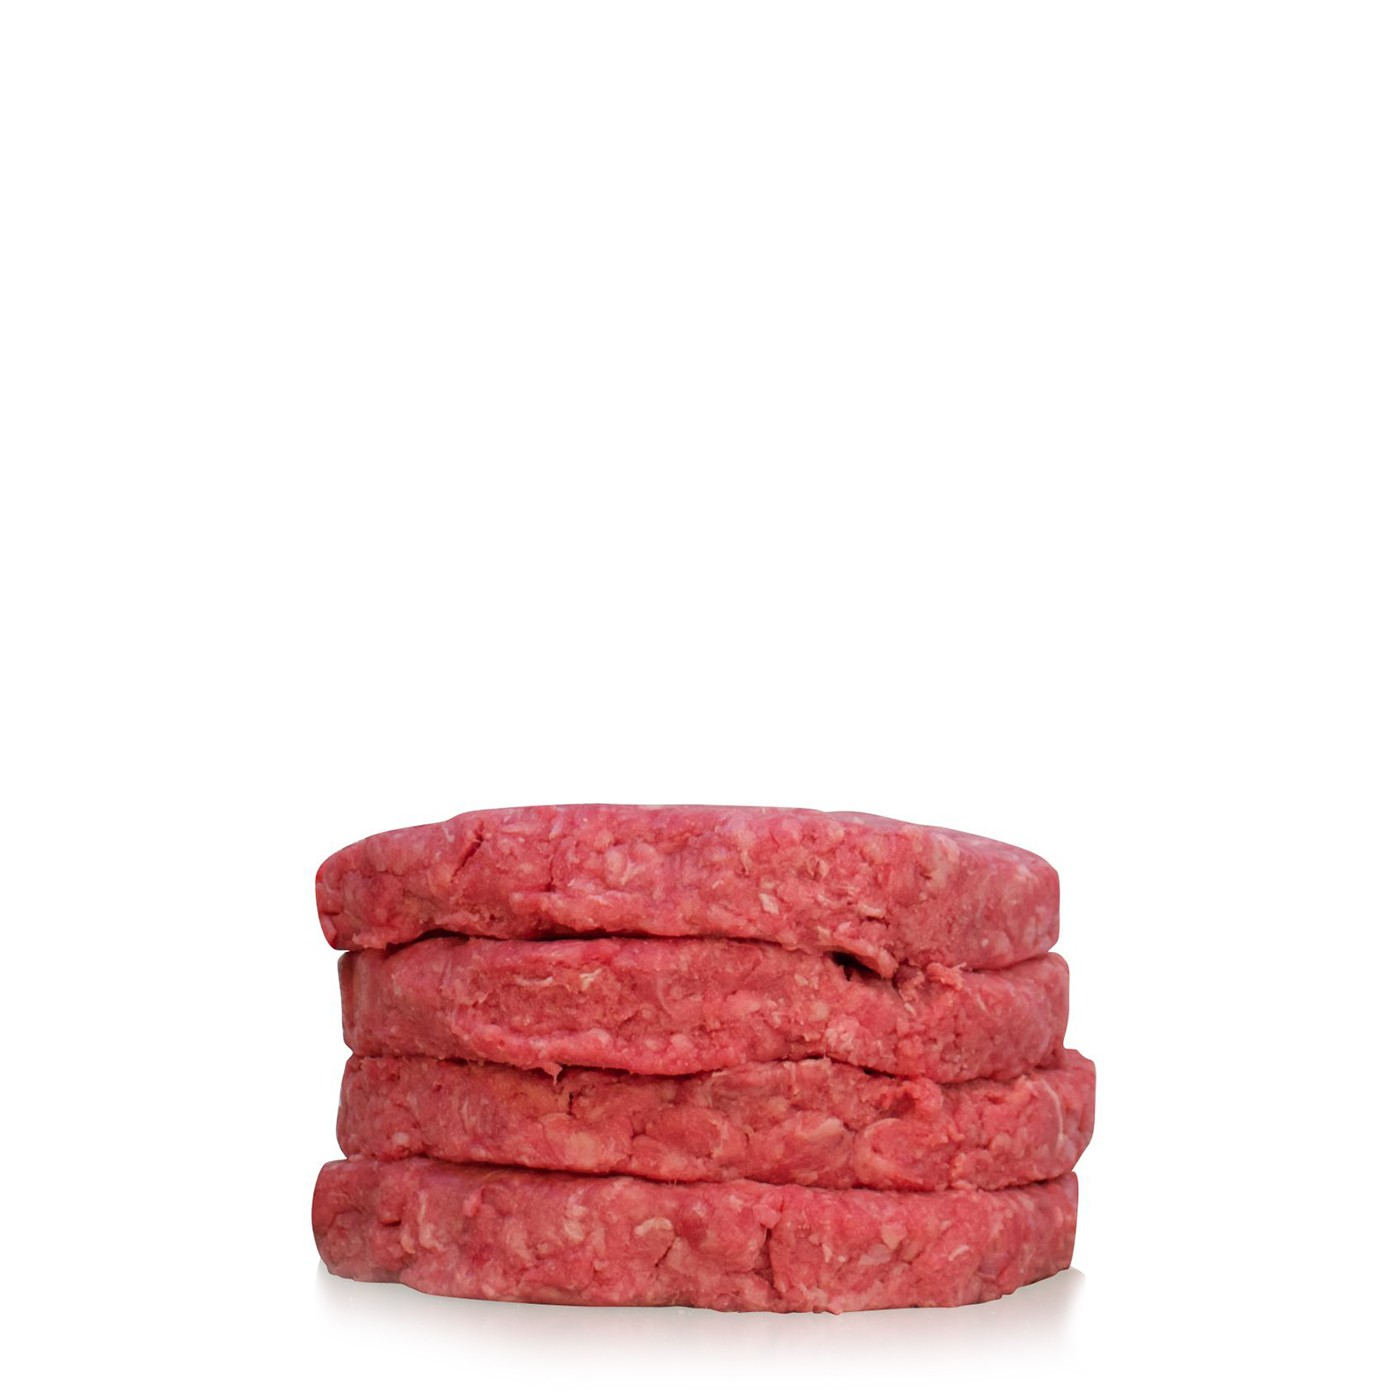 Angus Burgers 4 Burgers, 8 oz each